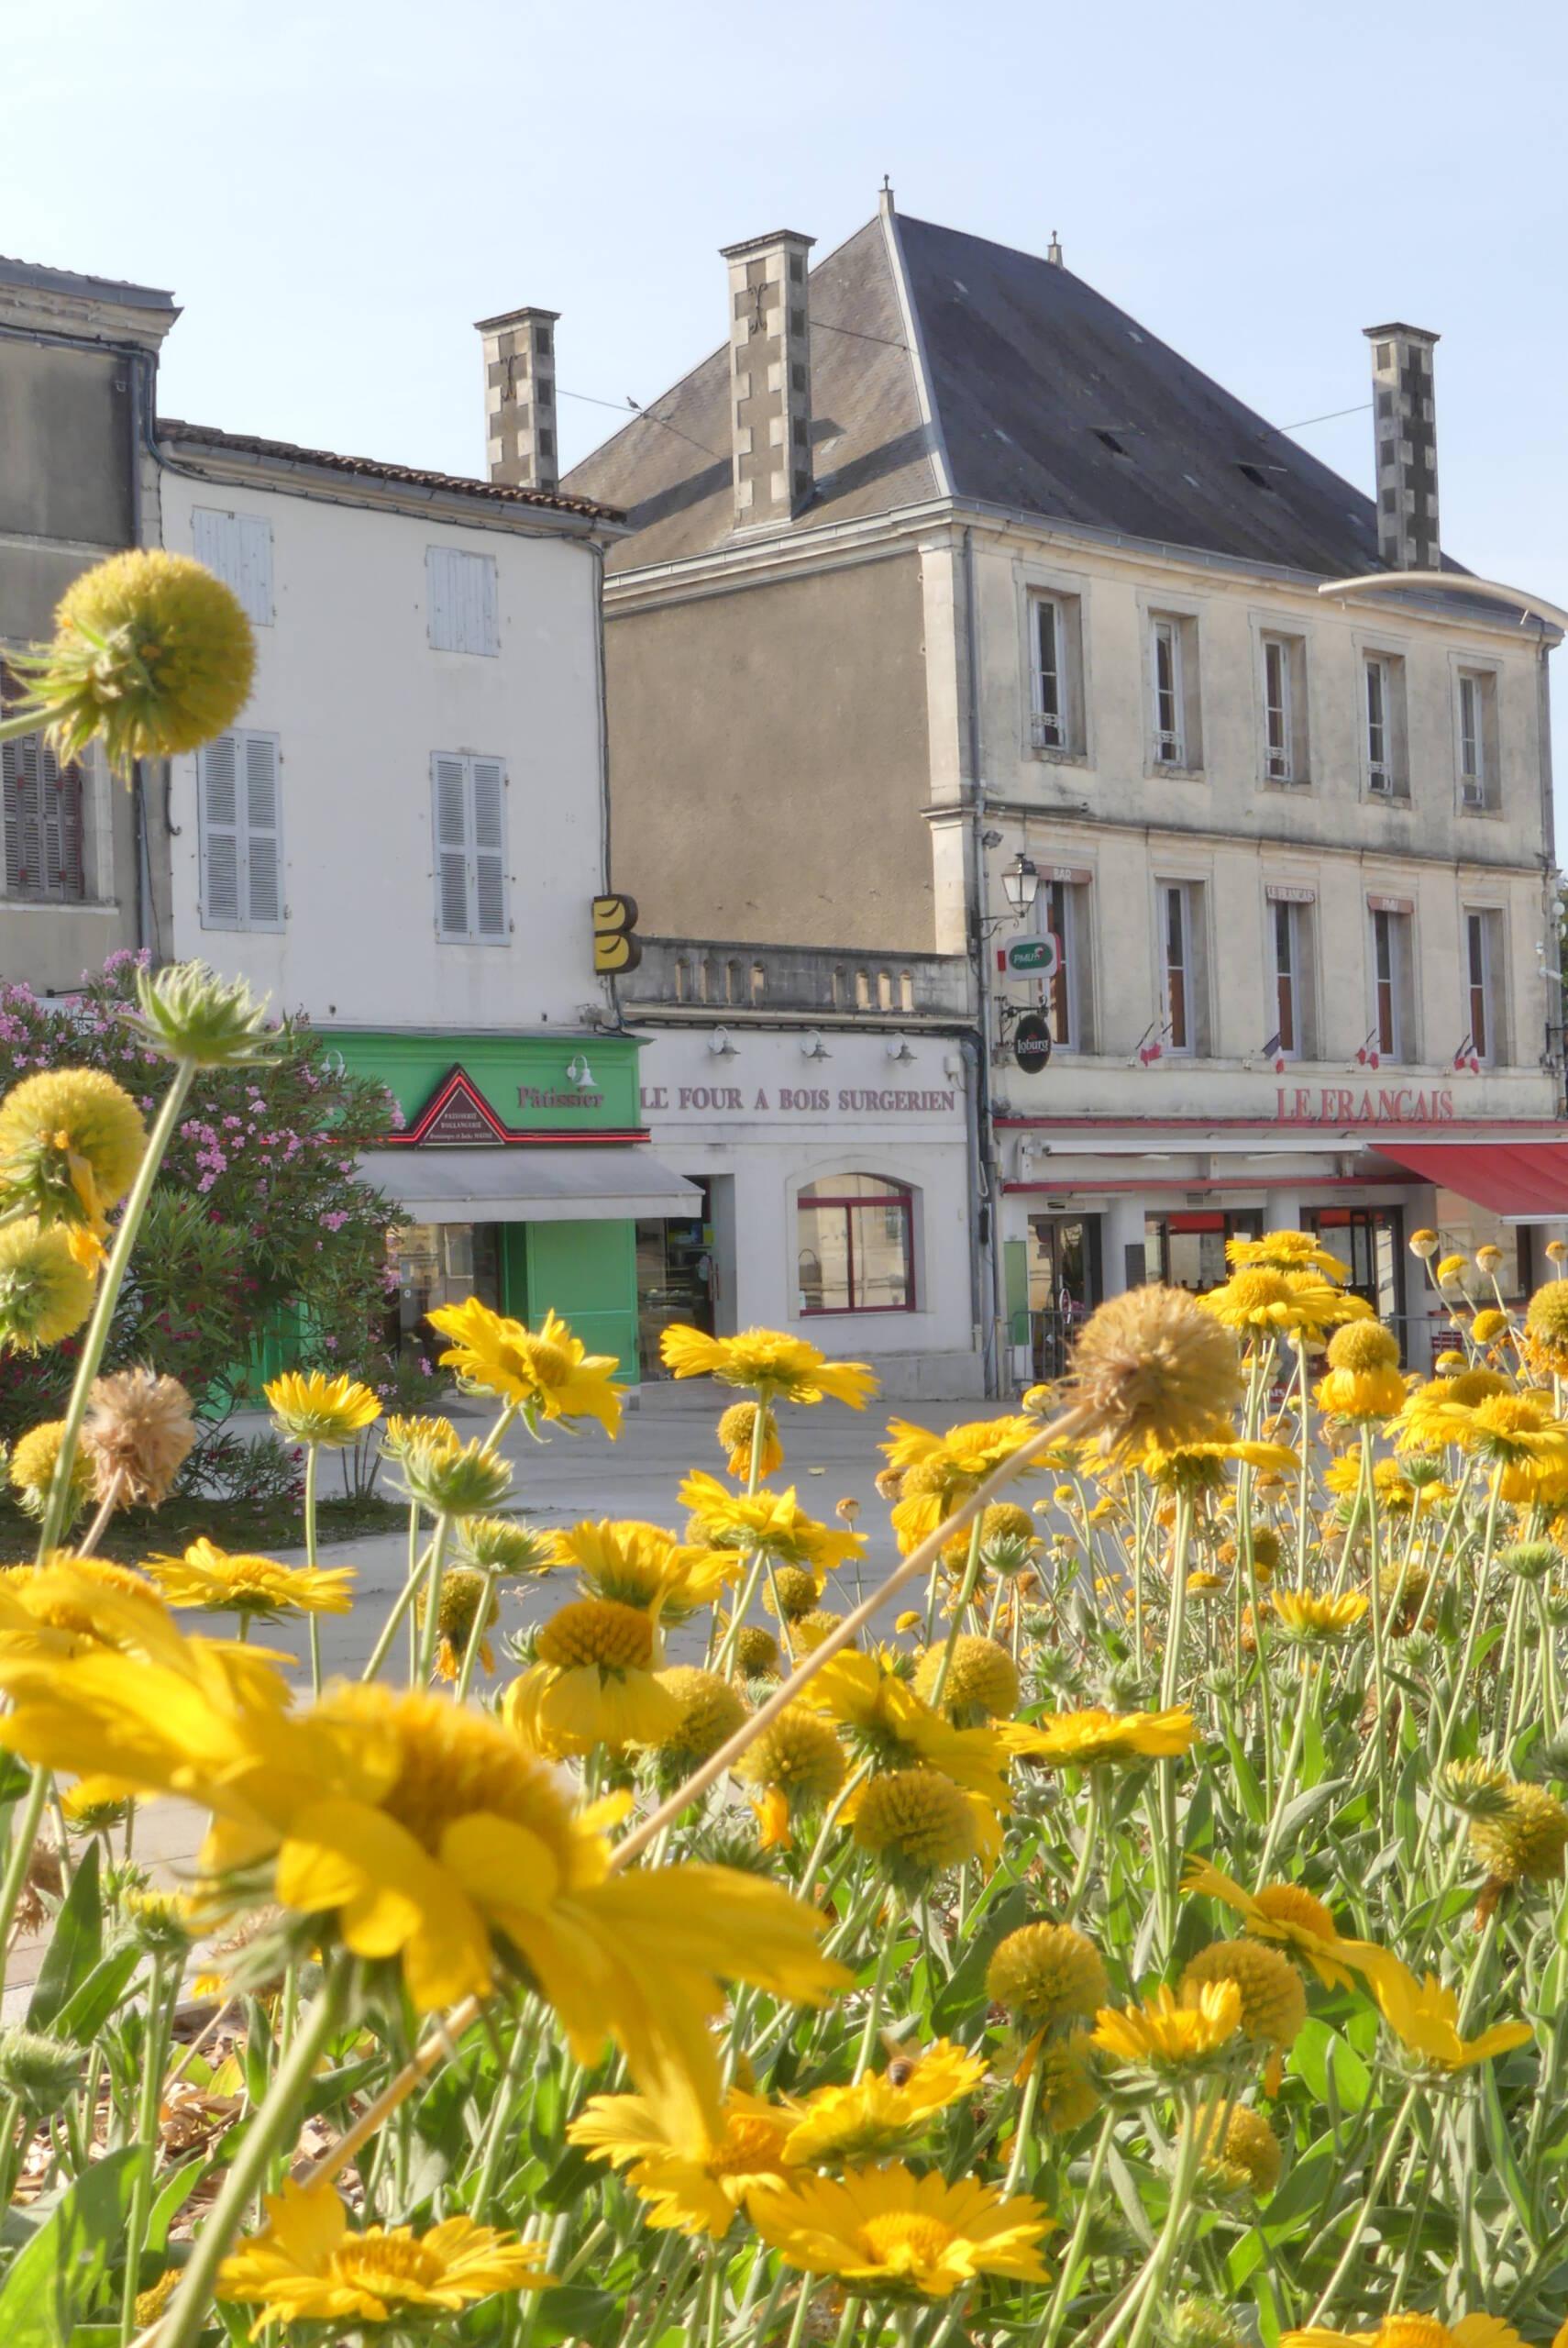 Un permis de végétaliser pour embellir la ville